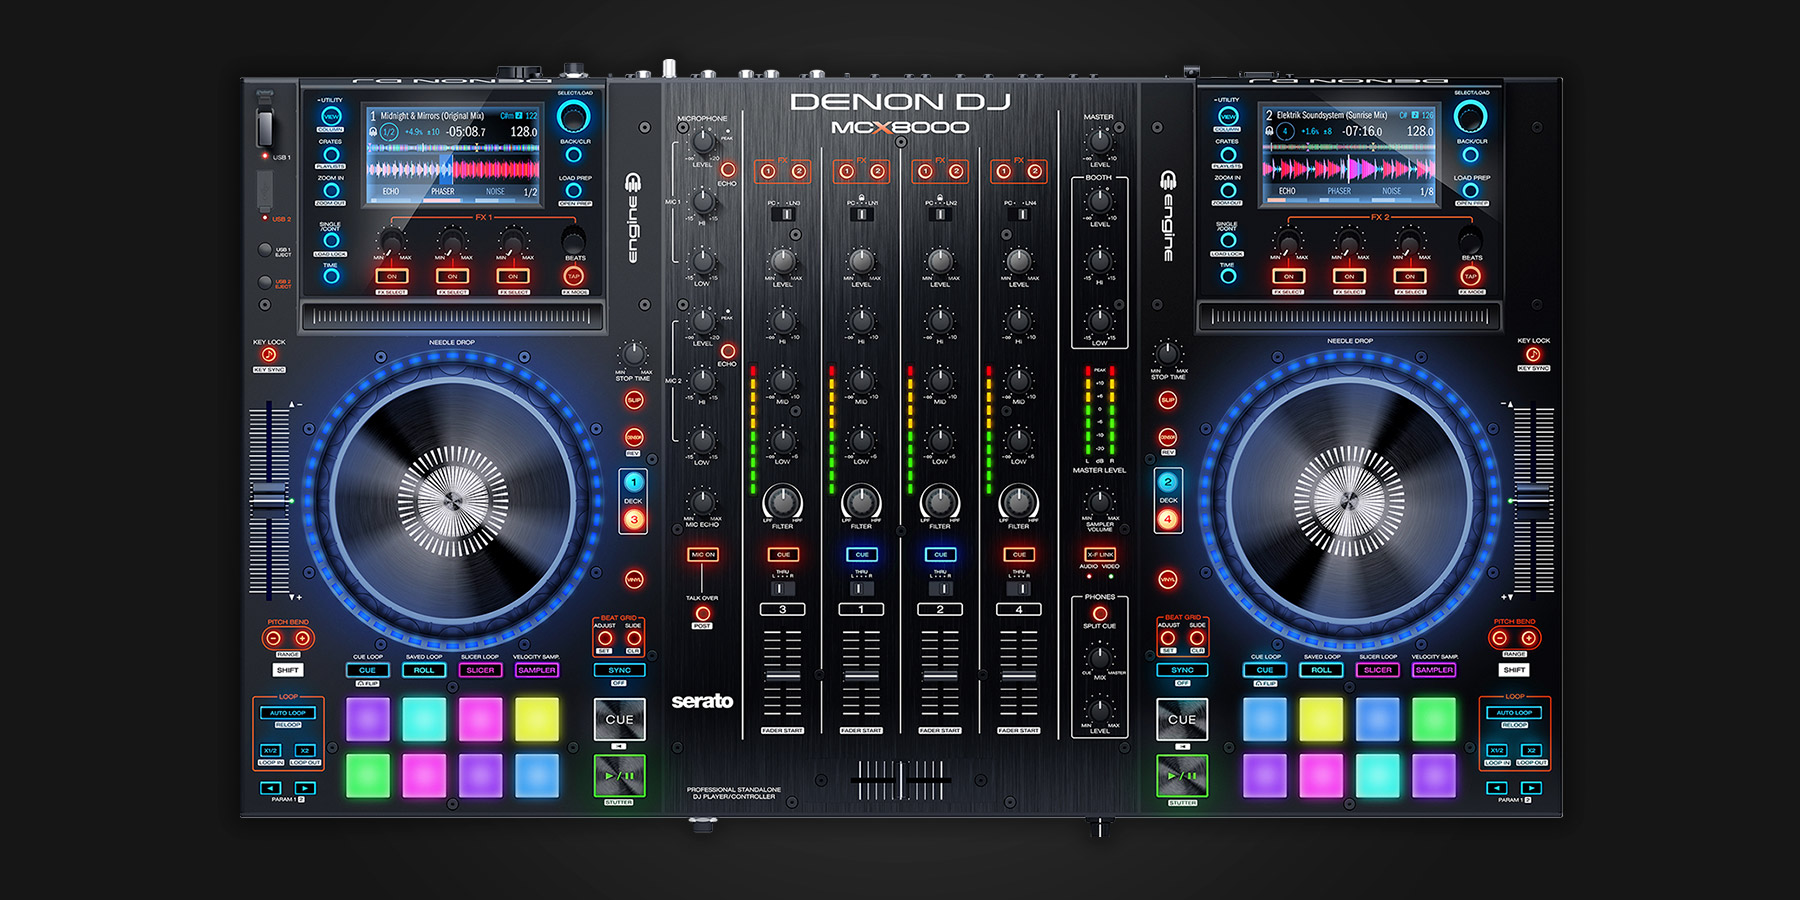 Denon Dj Mcx8000 Serato Dj Dj Hardware Learn More